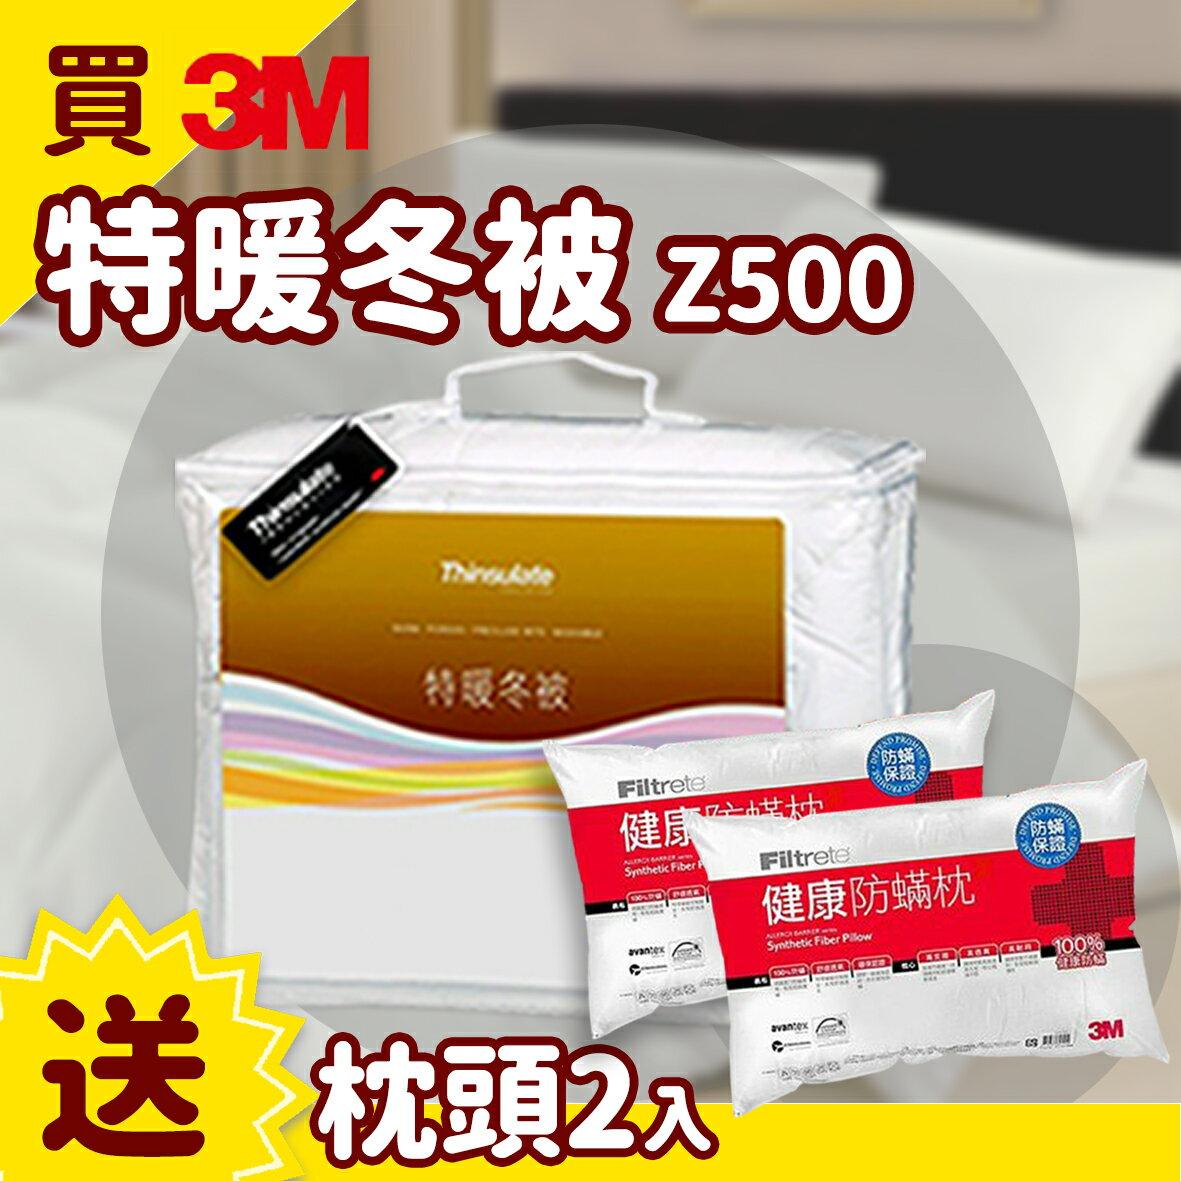 【雙人寢具組】3M 新絲舒眠 Z500 特暖冬被 標準雙人+枕頭x2 可水洗 棉被 保暖 透氣